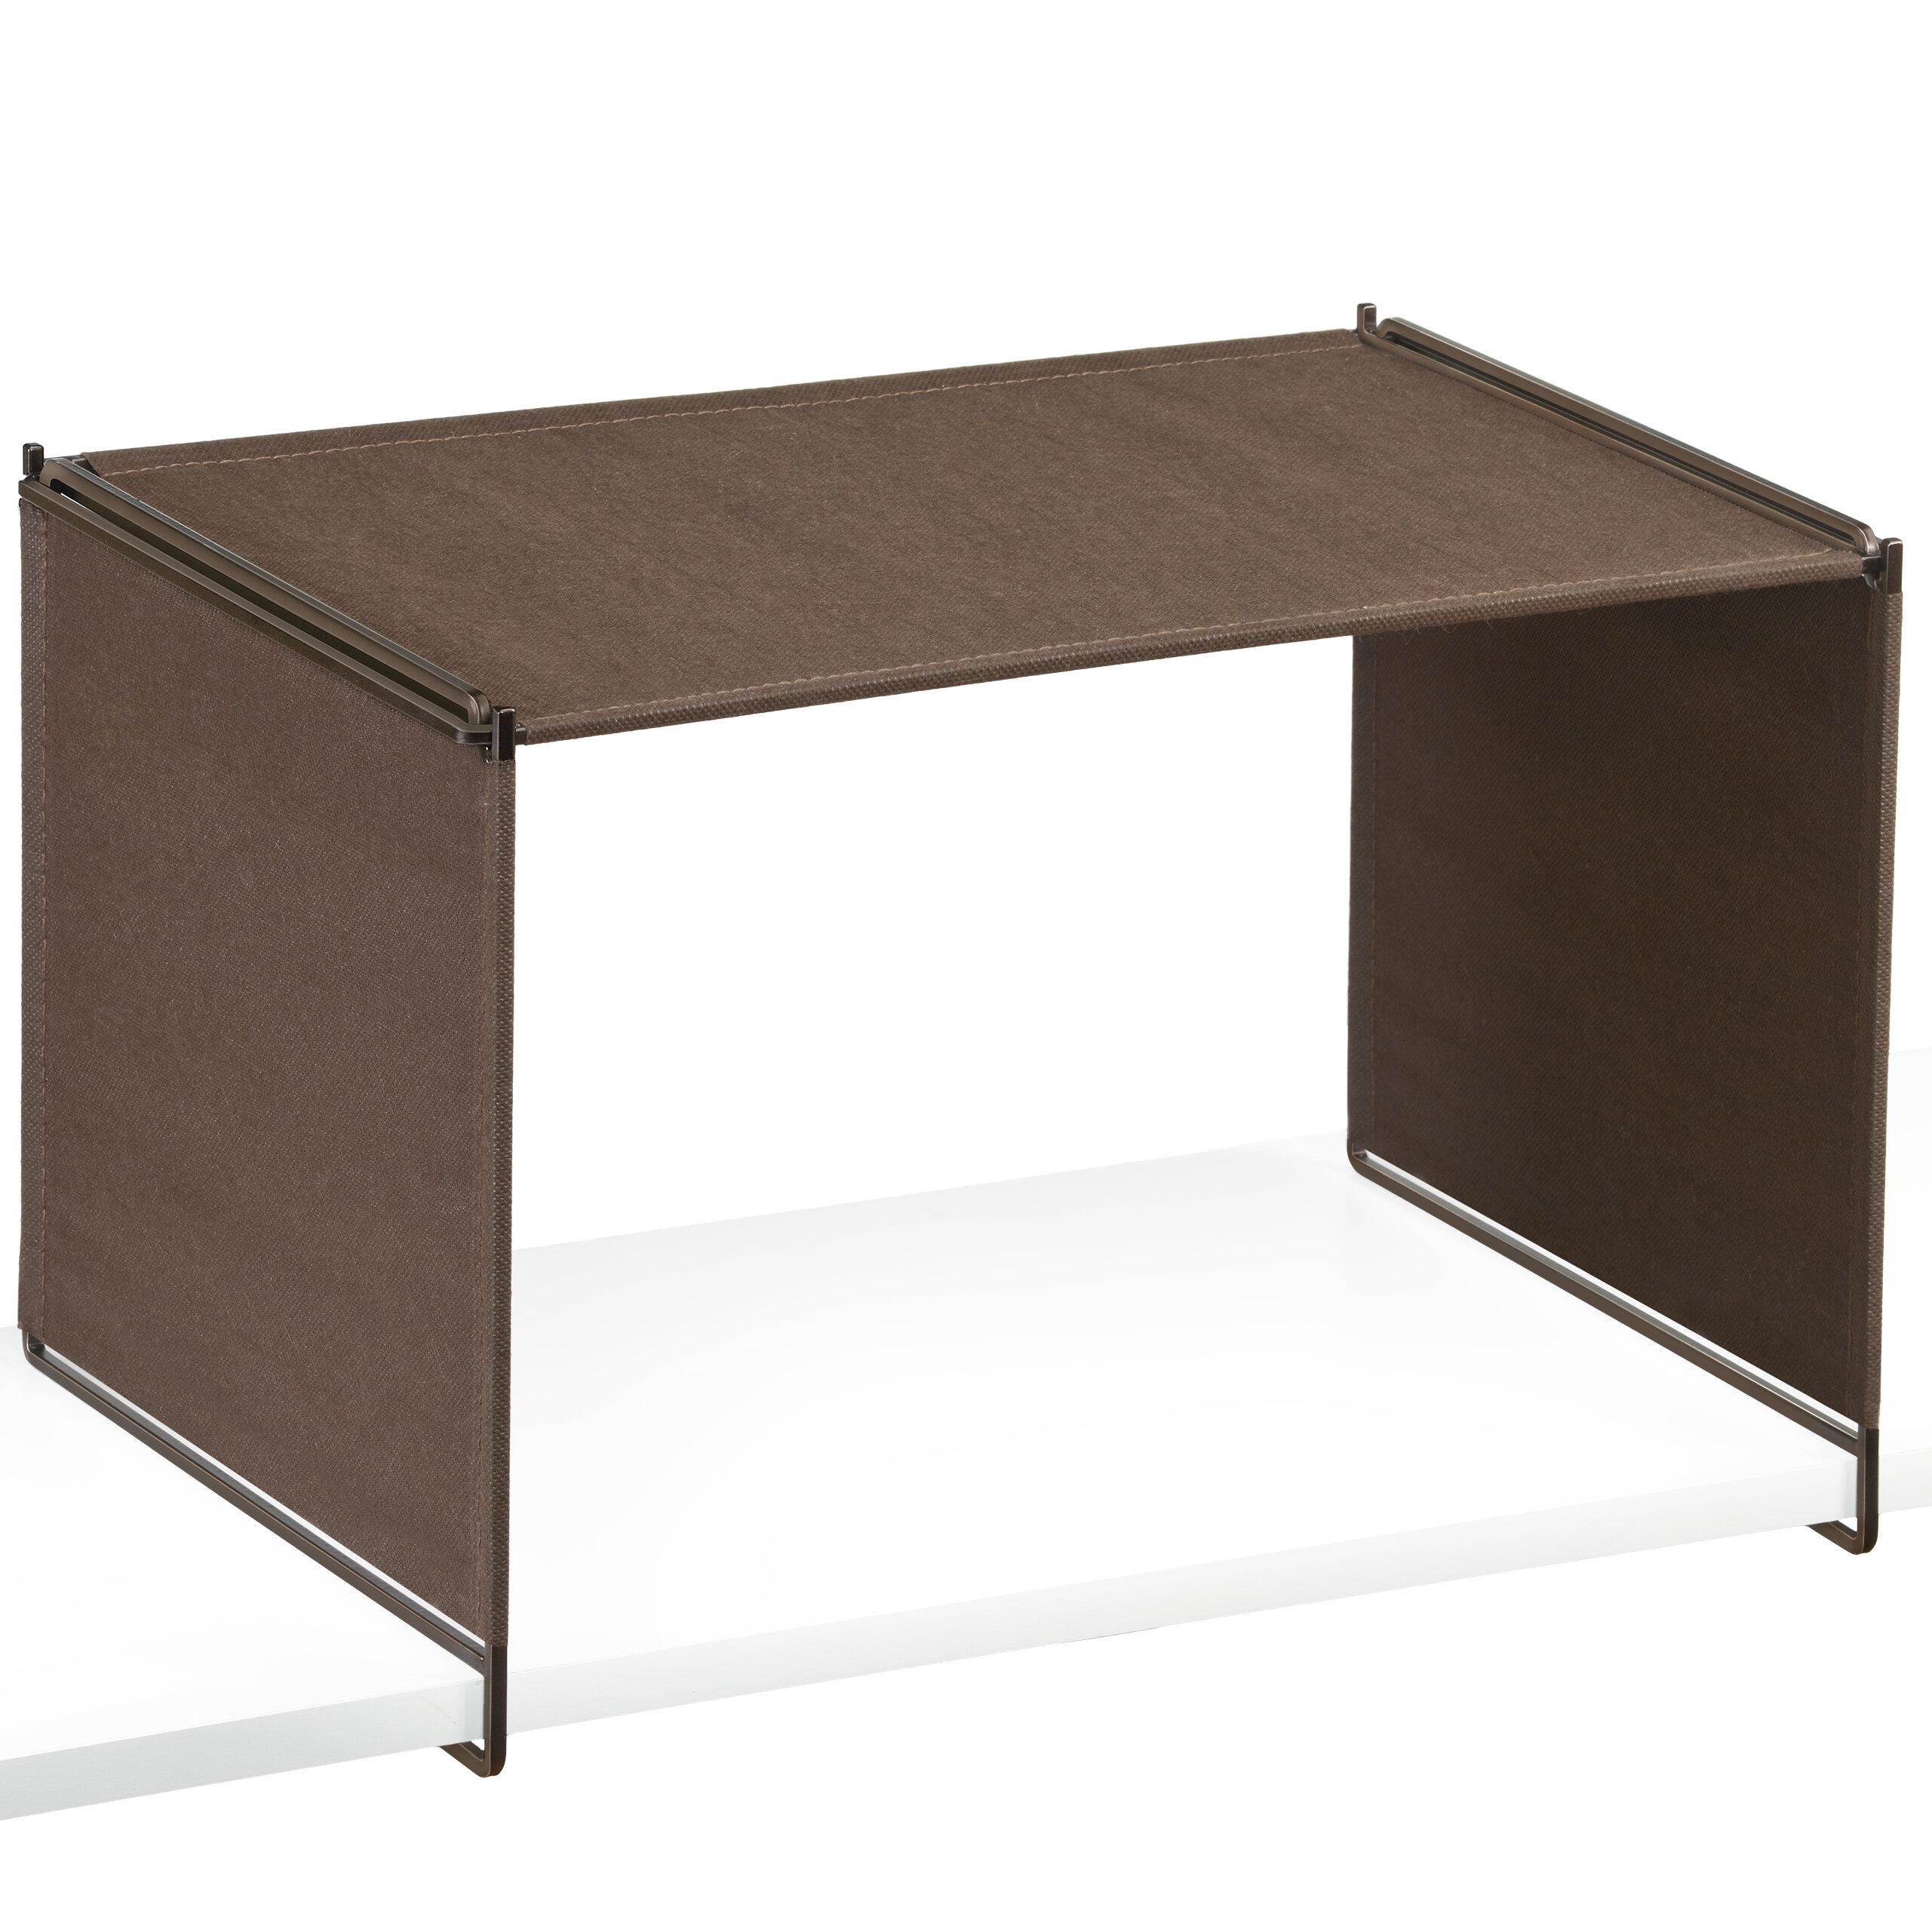 shelf organizer pour penderie la dream collections meuble sur dressing ideas mesure closet home lovely chambre